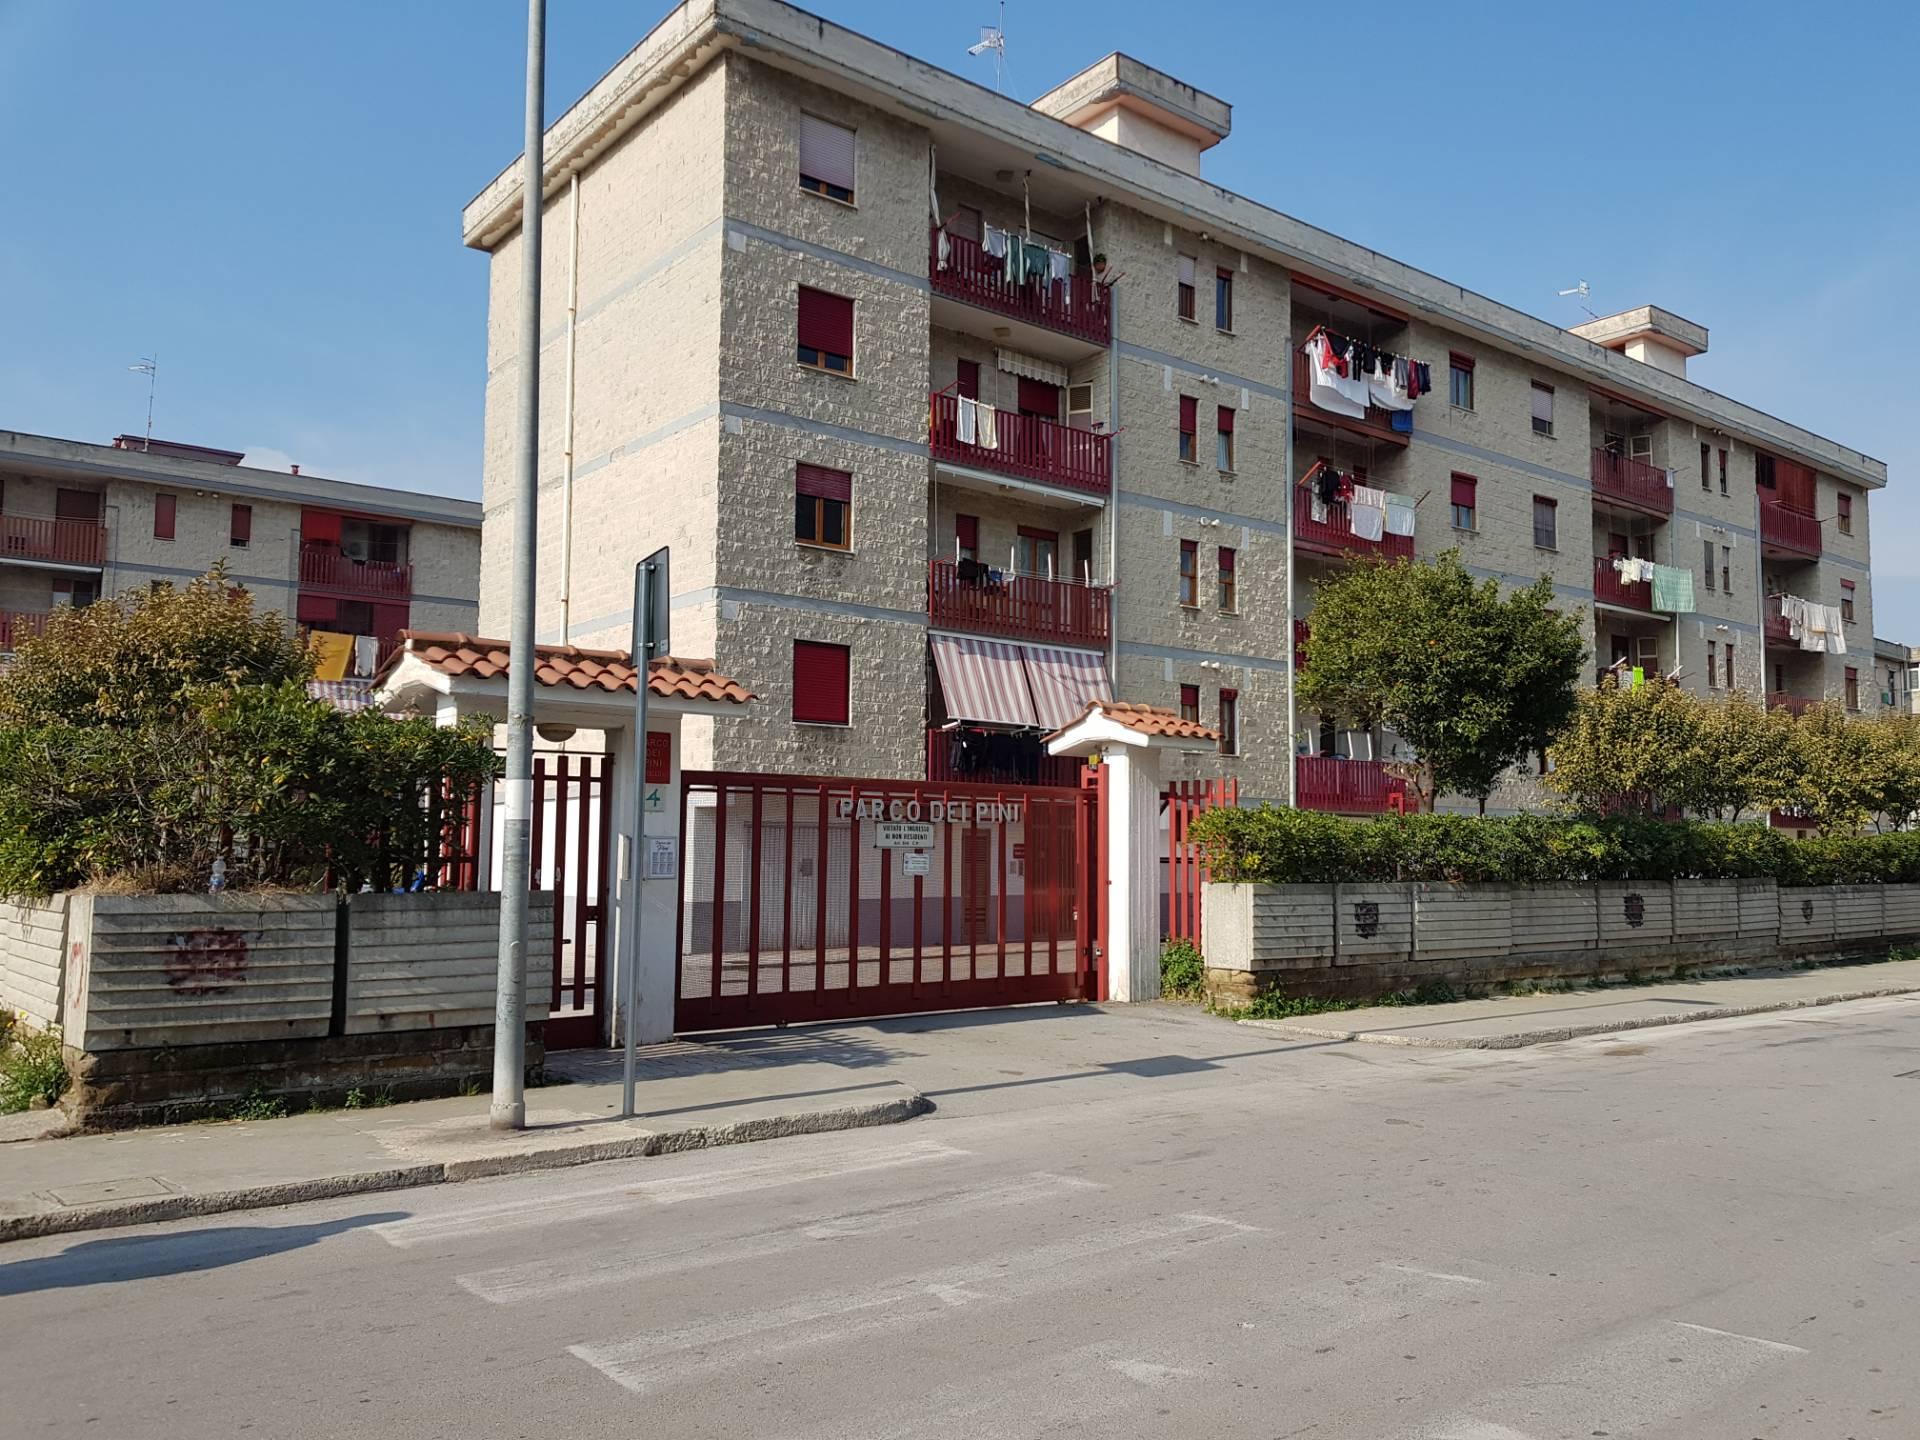 Appartamento in vendita a Brusciano, 4 locali, prezzo € 147.000 | CambioCasa.it